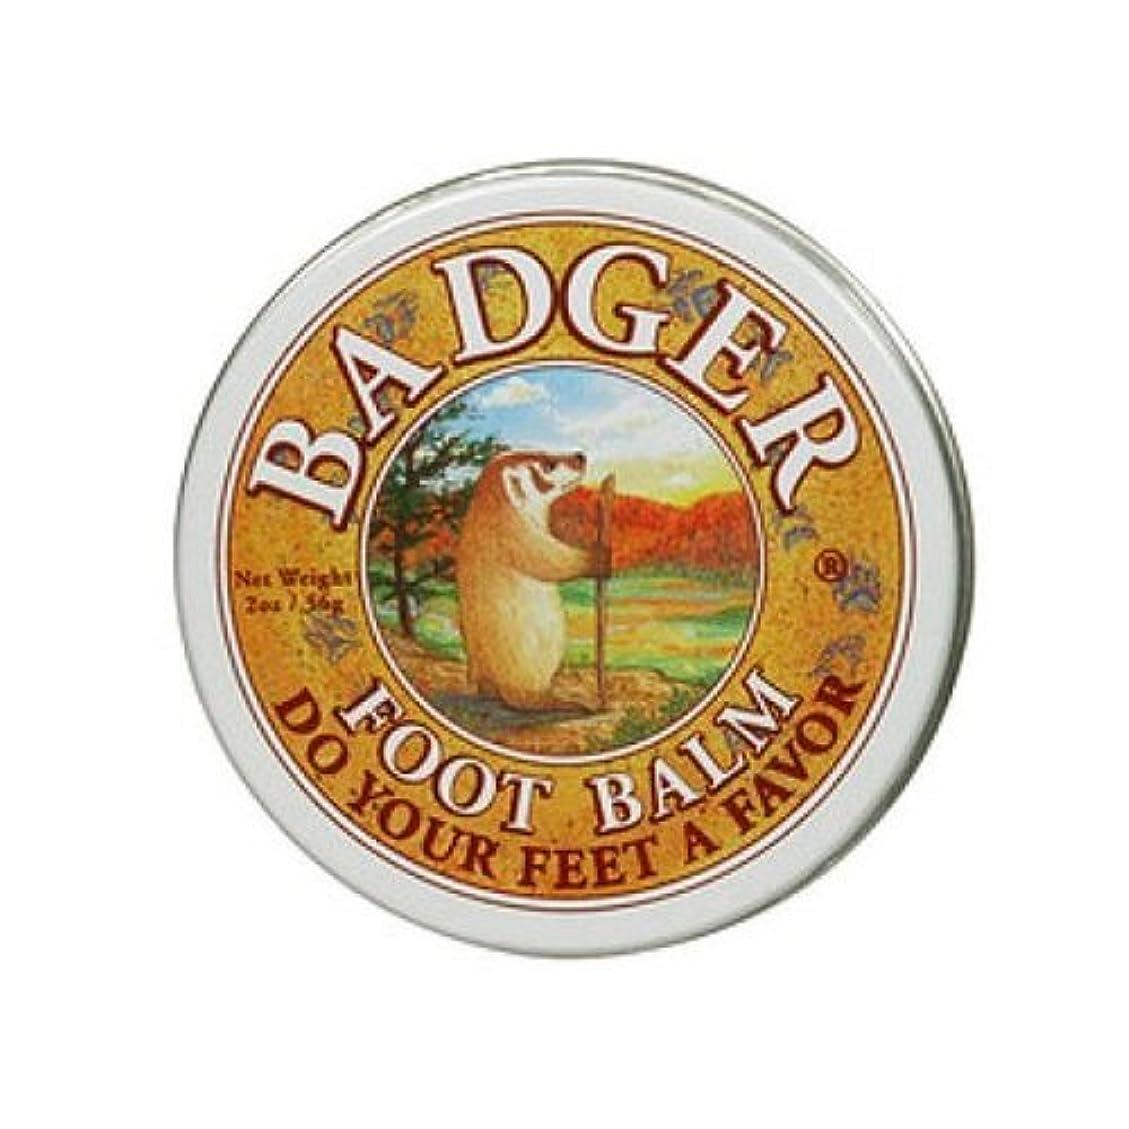 別の適性誇張Badger バジャー オーガニックフットクリーム ペパーミント & ティーツリー【小サイズ】 21g【海外直送品】【並行輸入品】